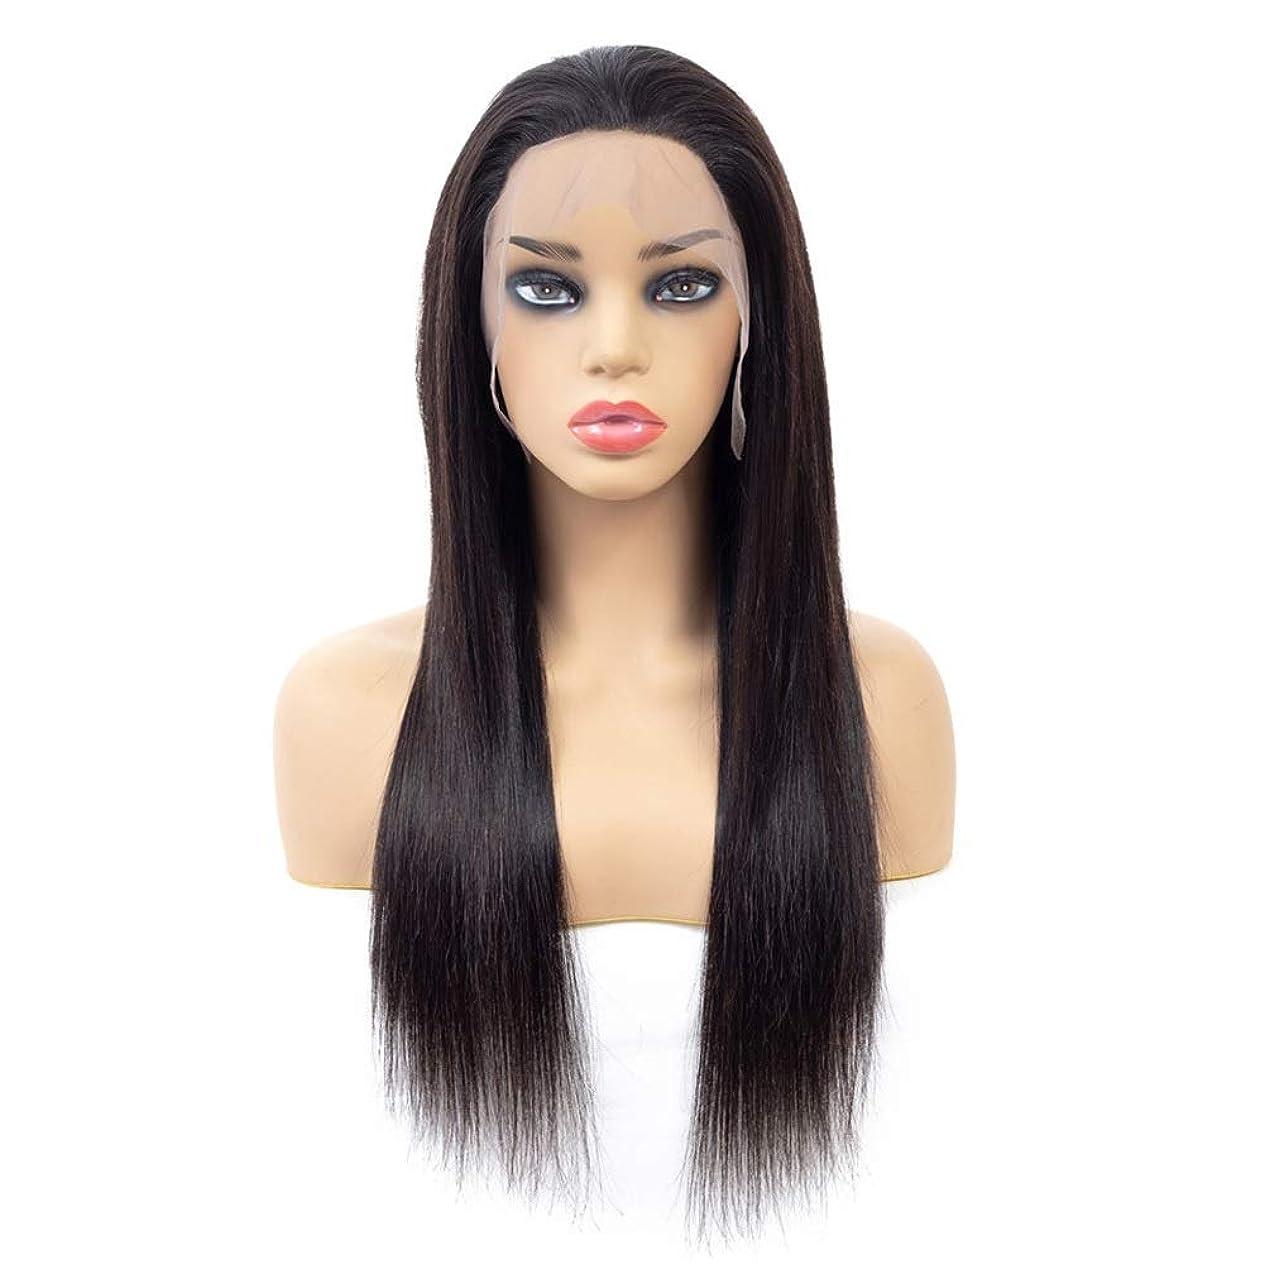 娘カウント確認YESONEEP ストレート人間の髪の毛の閉鎖ブラジルのバージンヘアフリーパート13 * 4レースの閉鎖未処理の髪の拡張子(10